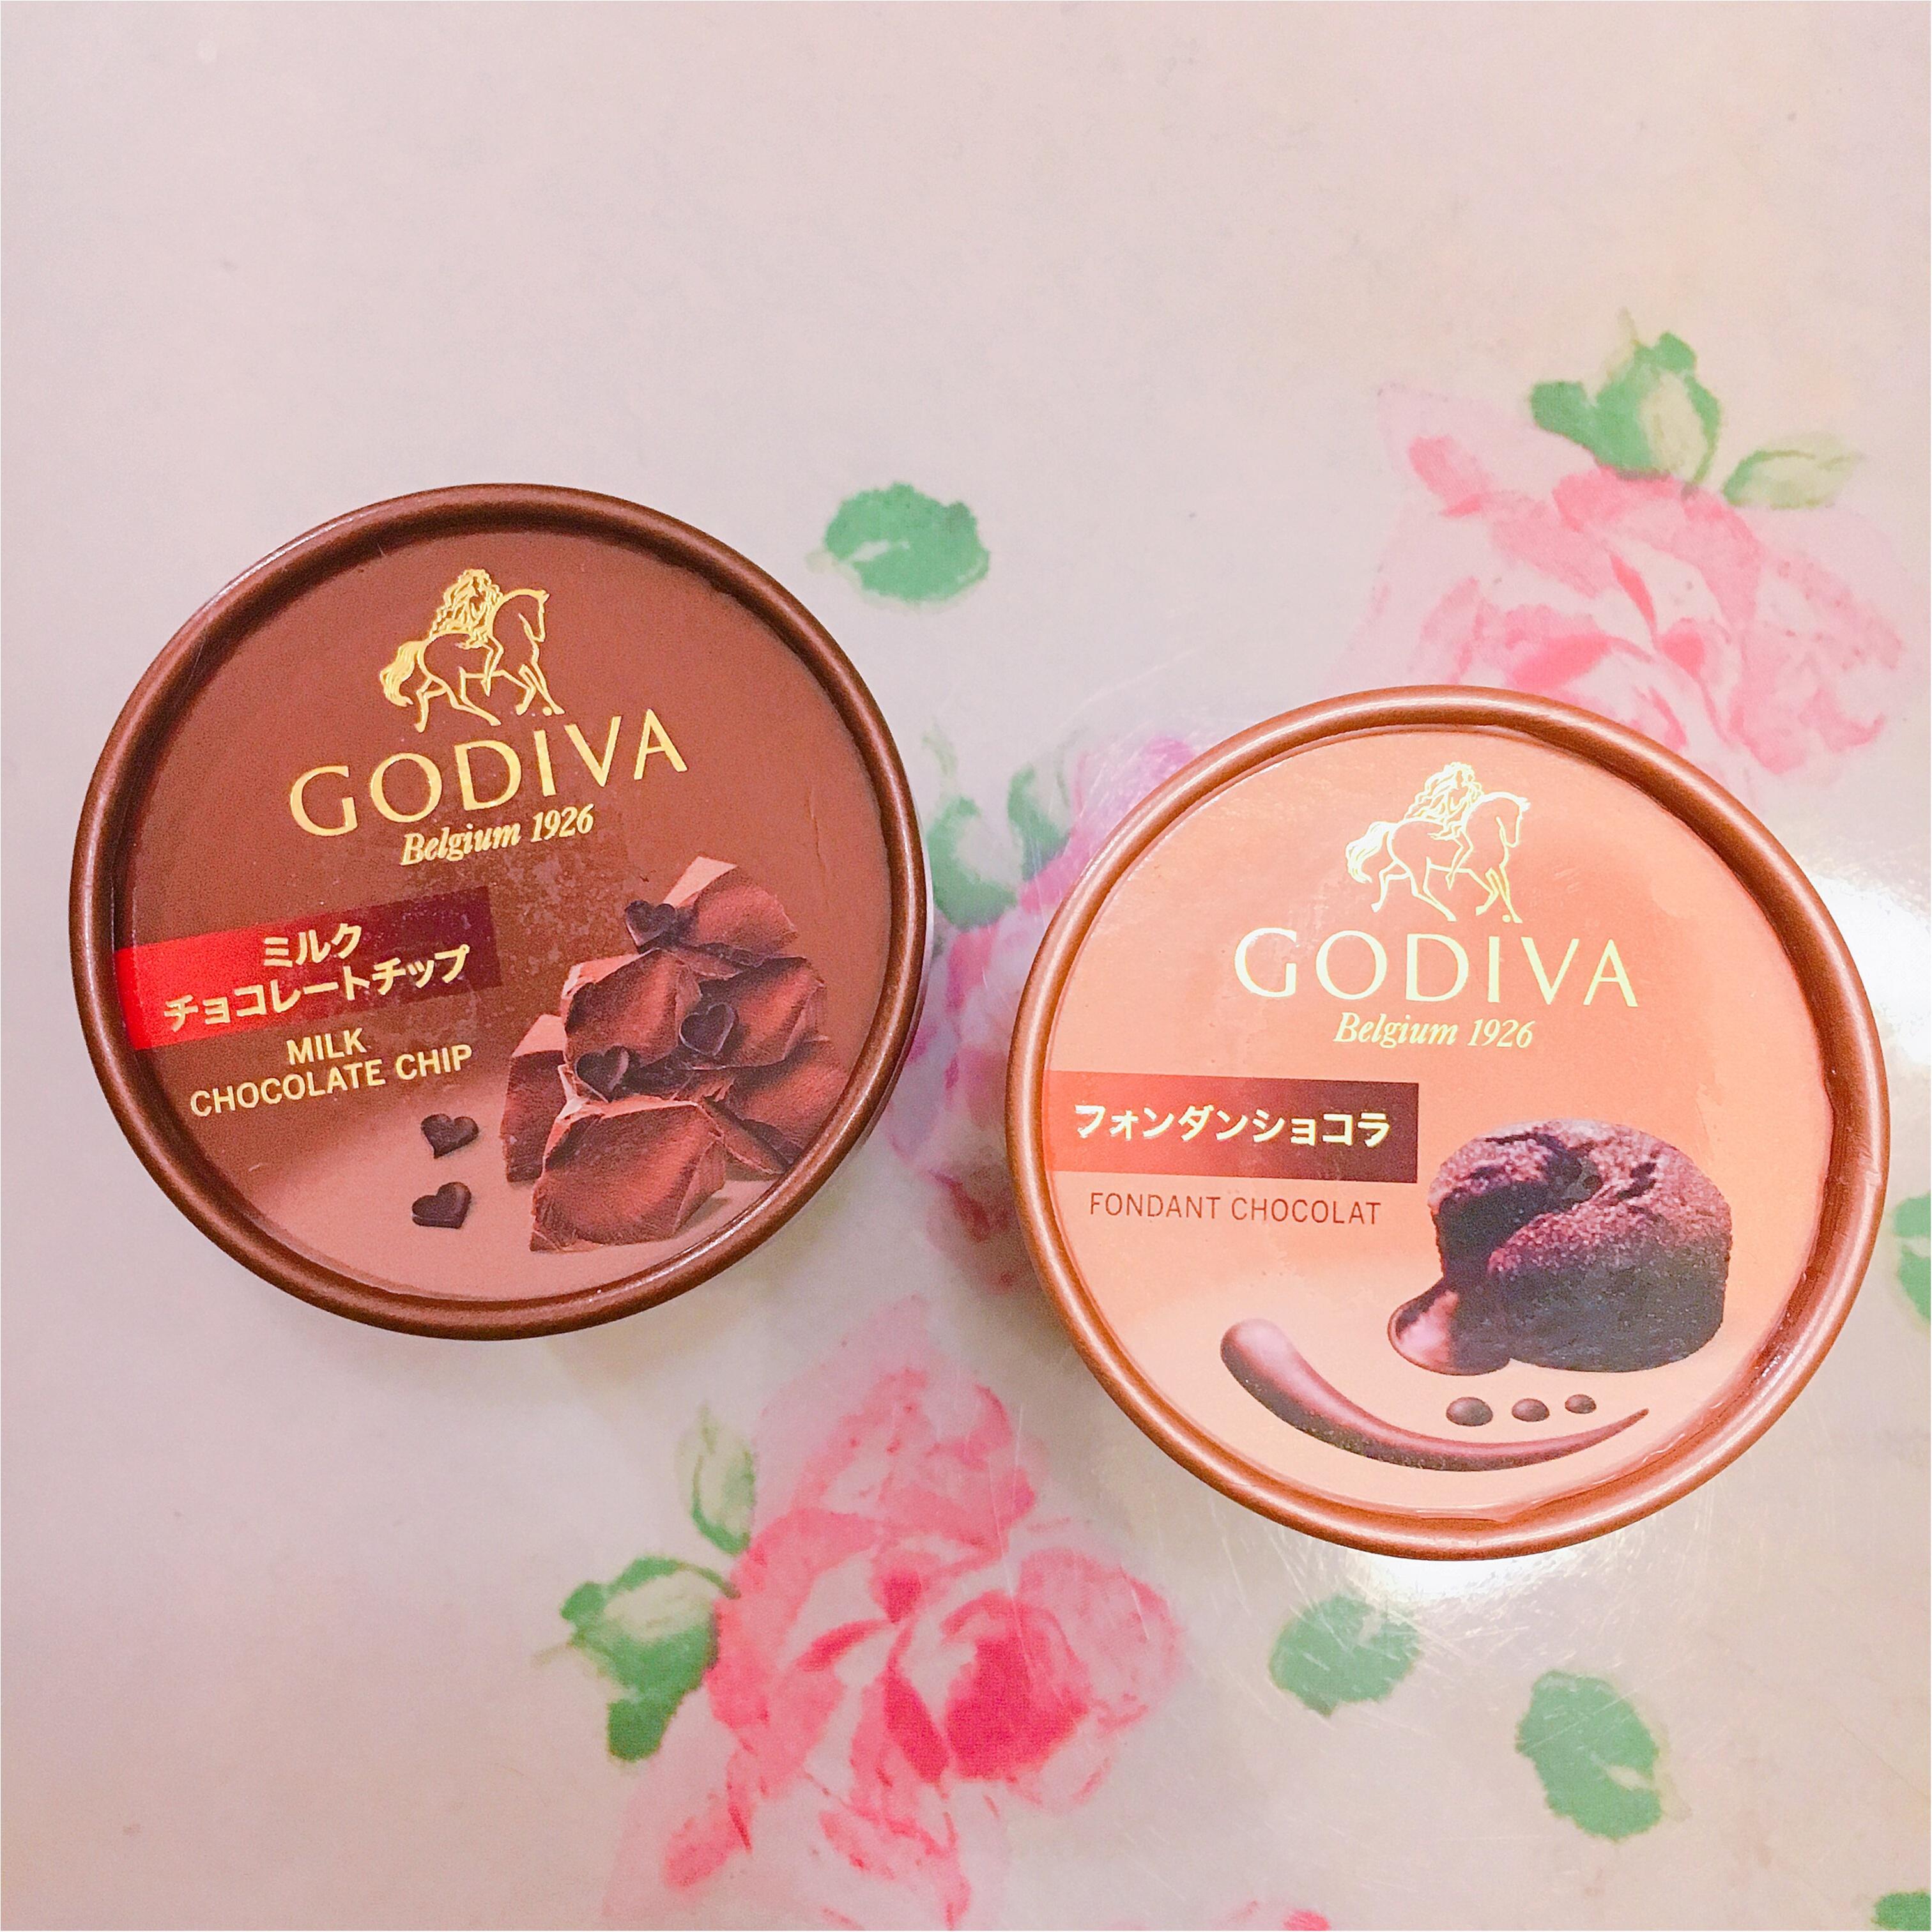 【コンビニアイス】お正月だもの!贅沢しましょ♡ GODIVAの濃厚チョコレートアイス♡♡_1